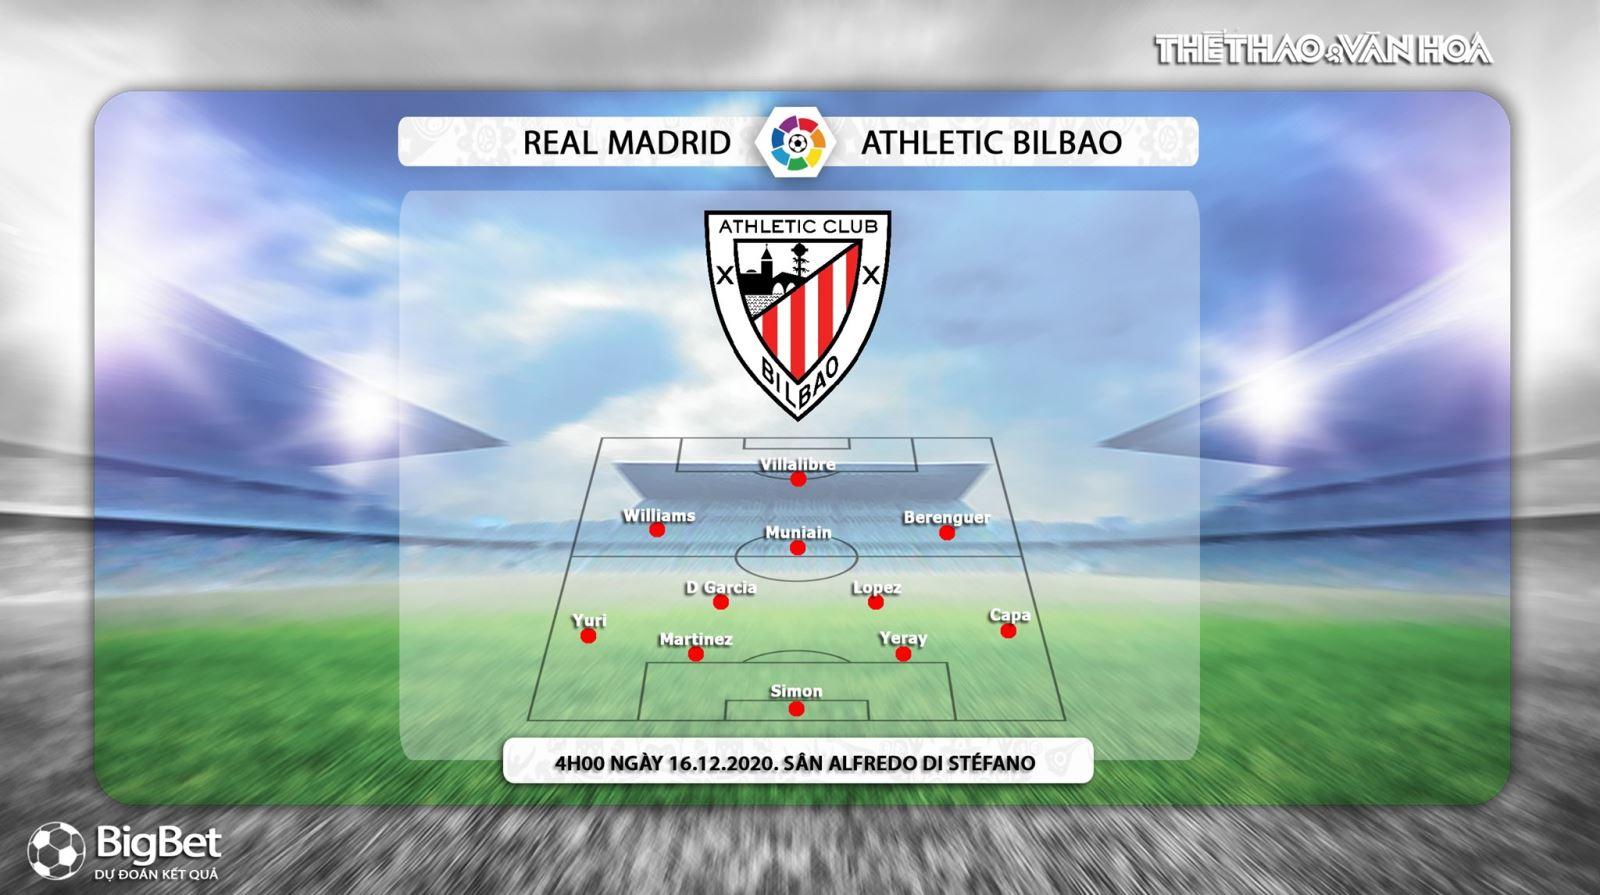 Keo nha cai, kèo nhà cái, Real Madrid vs Athletic Bilbao, Trực tiếp bóng đá Tây Ban Nha, trực tiếp vòng 14 La Liga, trực tiếp Real Madrid đấu với Bilbao, truc tiep Real